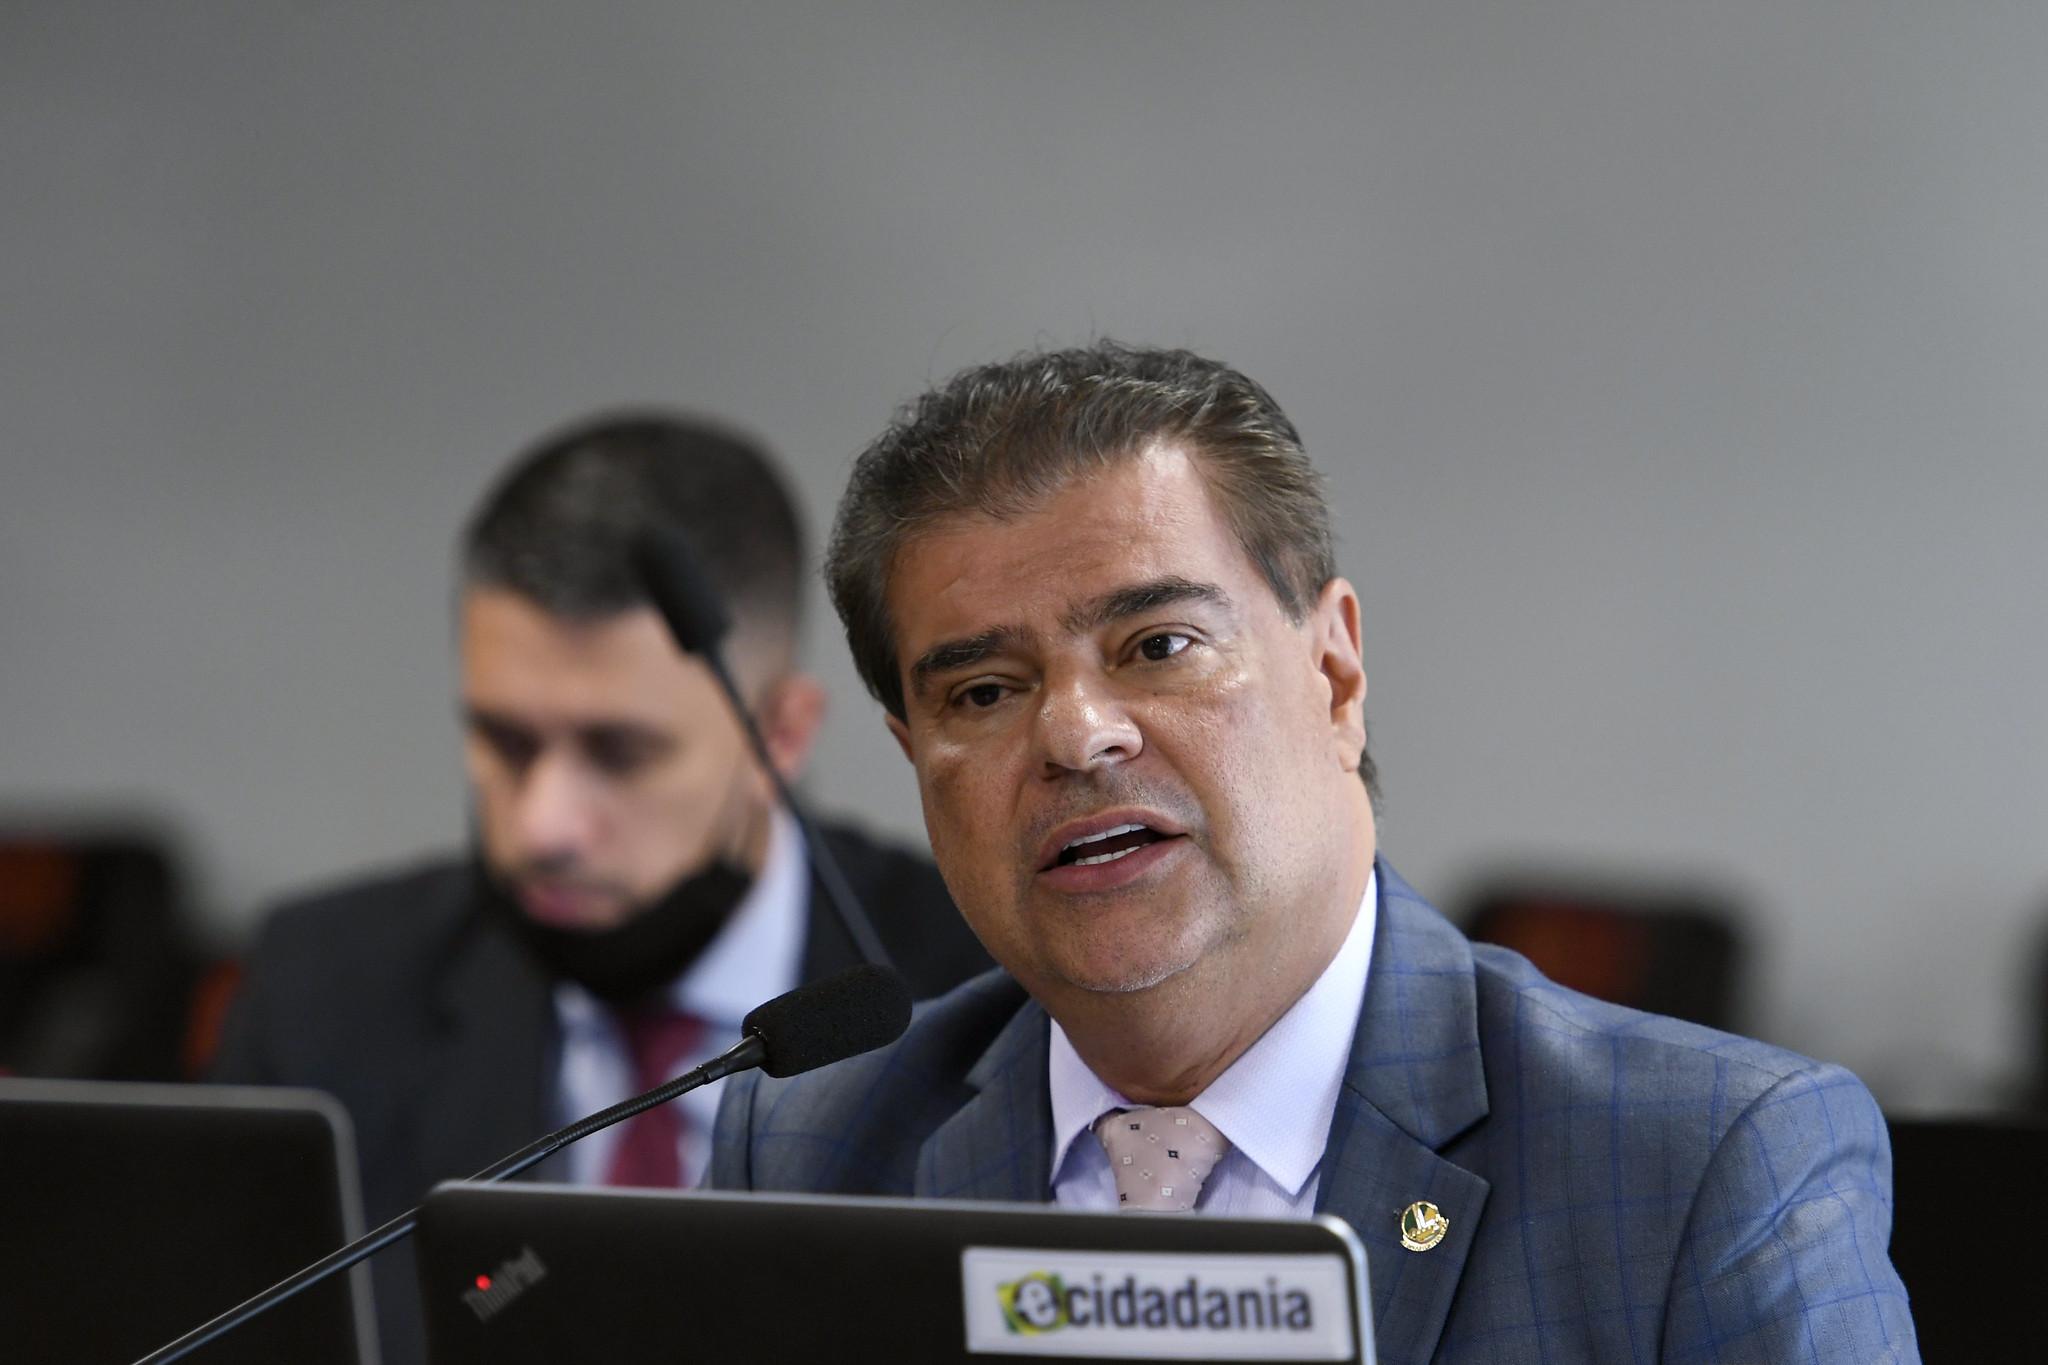 IMAGEM: Mais um nome cotado para o lugar de Ernesto Araújo